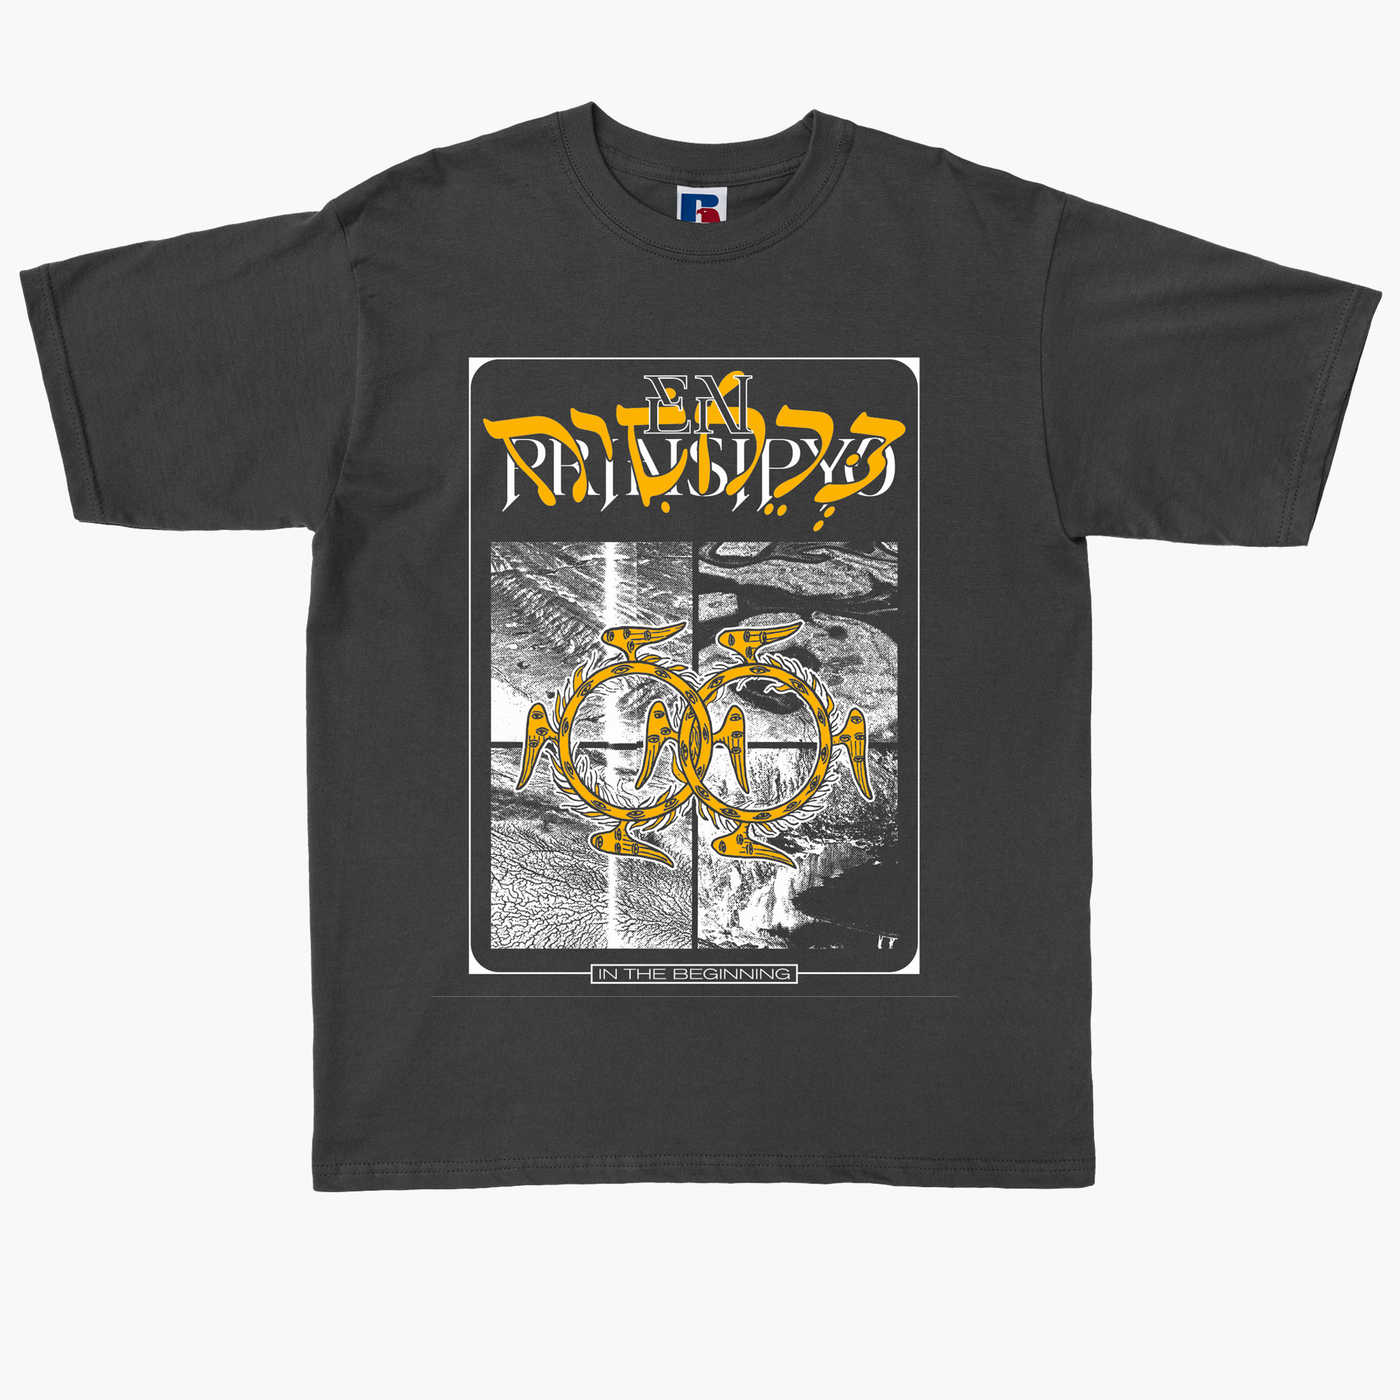 Jackson Green 'En Prinsipyo' T-shirt